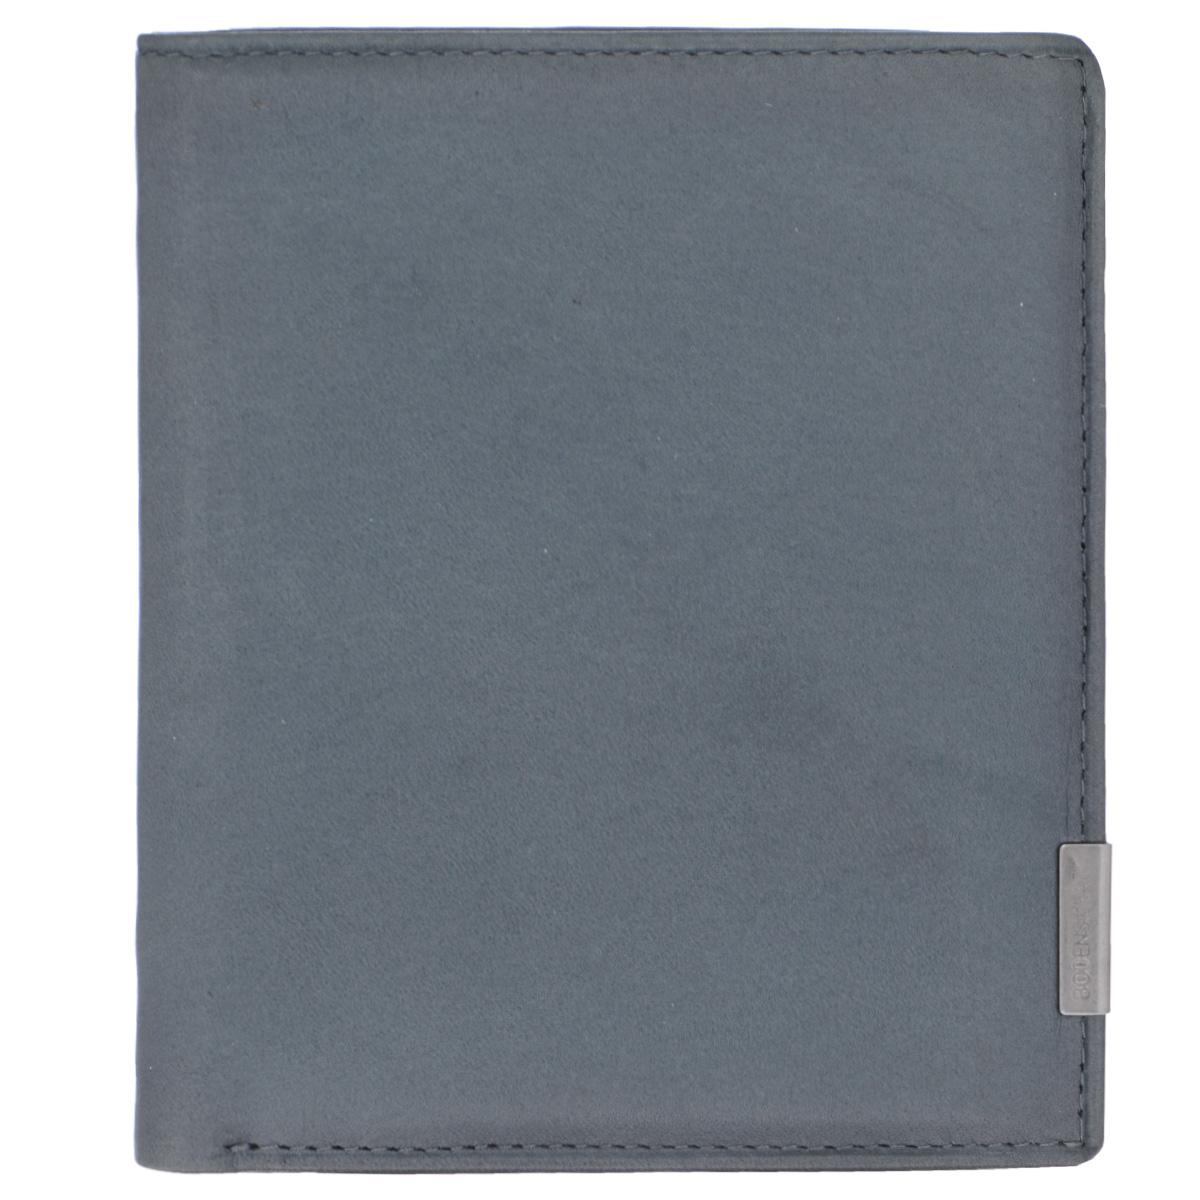 Бумажник мужской Bodenschatz, цвет: серый. 8-660/168-660/16Модный мужской бумажник Bodenschatz изготовлен из натуральной кожи и оформлен небольшой металлической пластиной с гравировкой в виде названия бренда на лицевой стороне. Внутри - два отделения для купюр, отсек для мелочи на замке-кнопке, боковой карман, два сетчатых кармана, четыре прорези для визиток и кредитных карт (одна оформлена с внешней стороны сеткой). Изделие упаковано в фирменную коробку. Изысканный бумажник не оставит равнодушным истинного ценителя прекрасного.